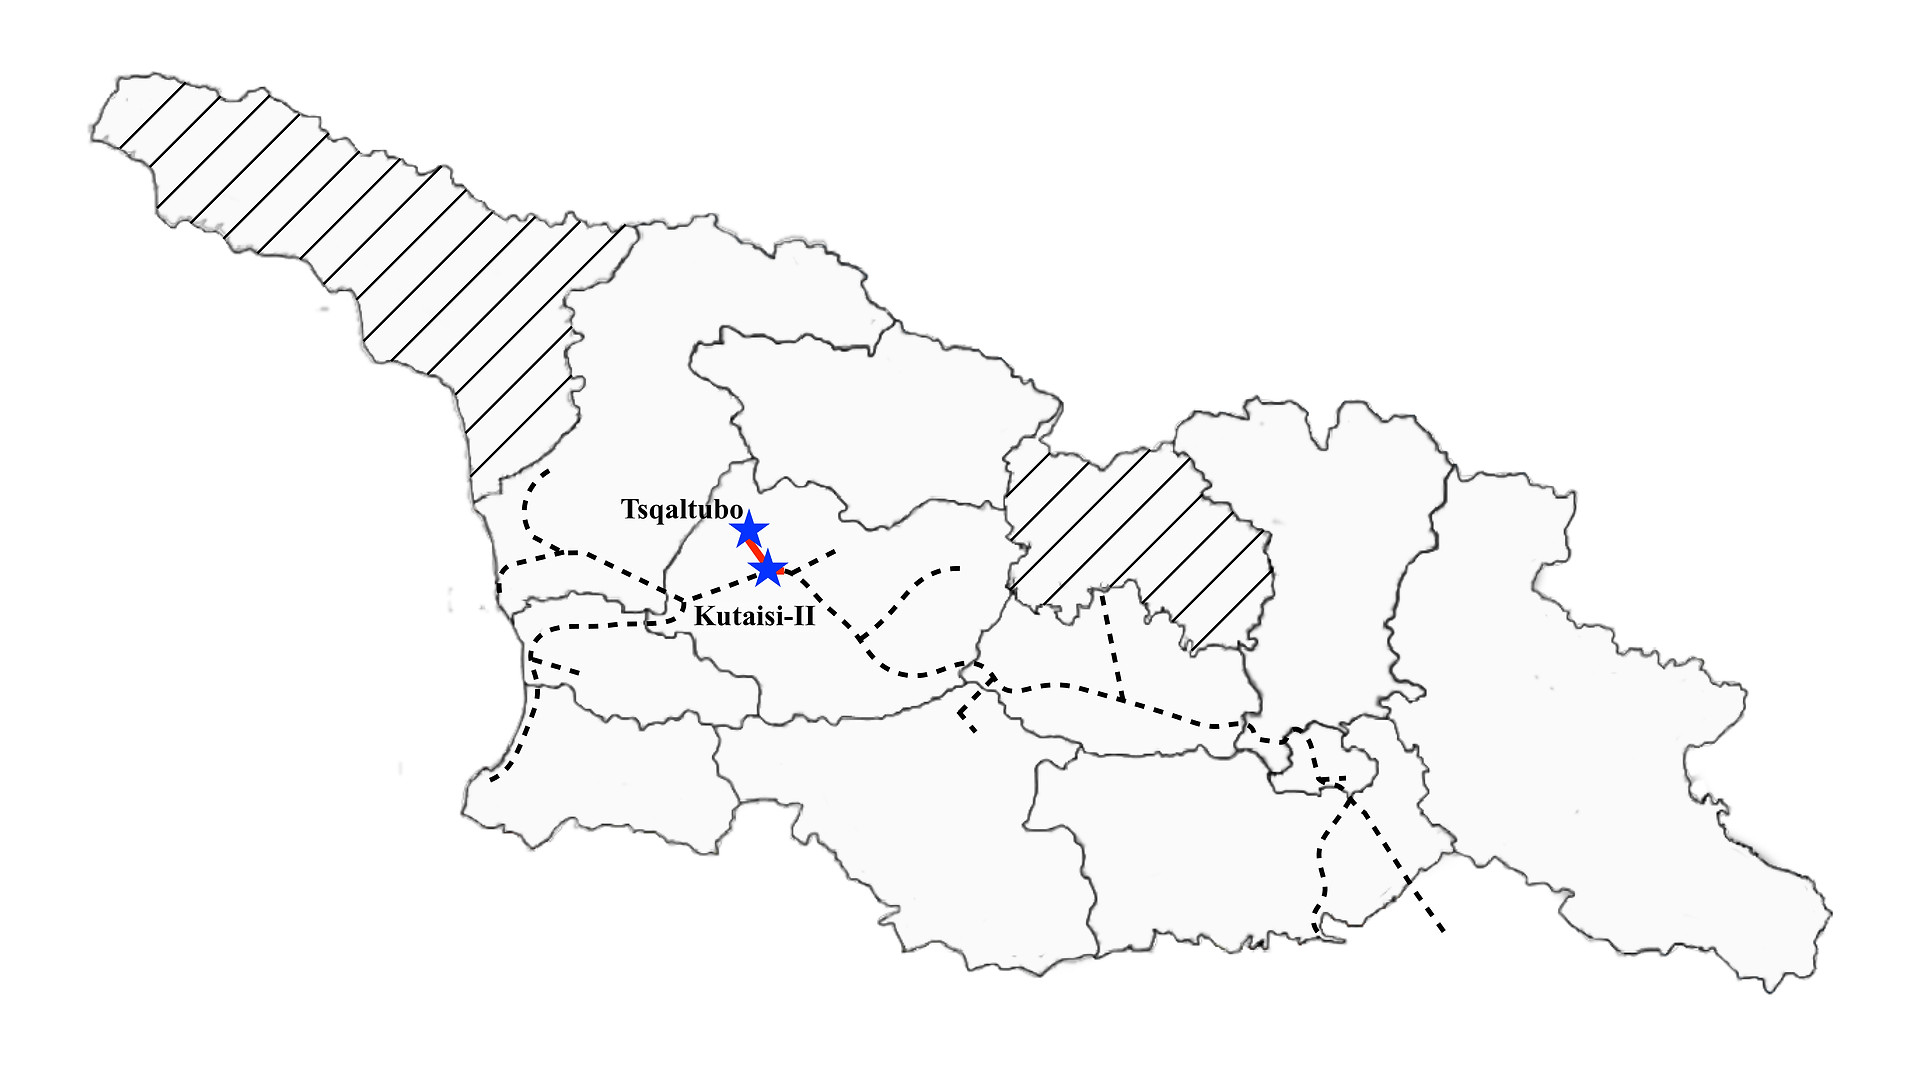 Kutaisi II to Tsqaltubo